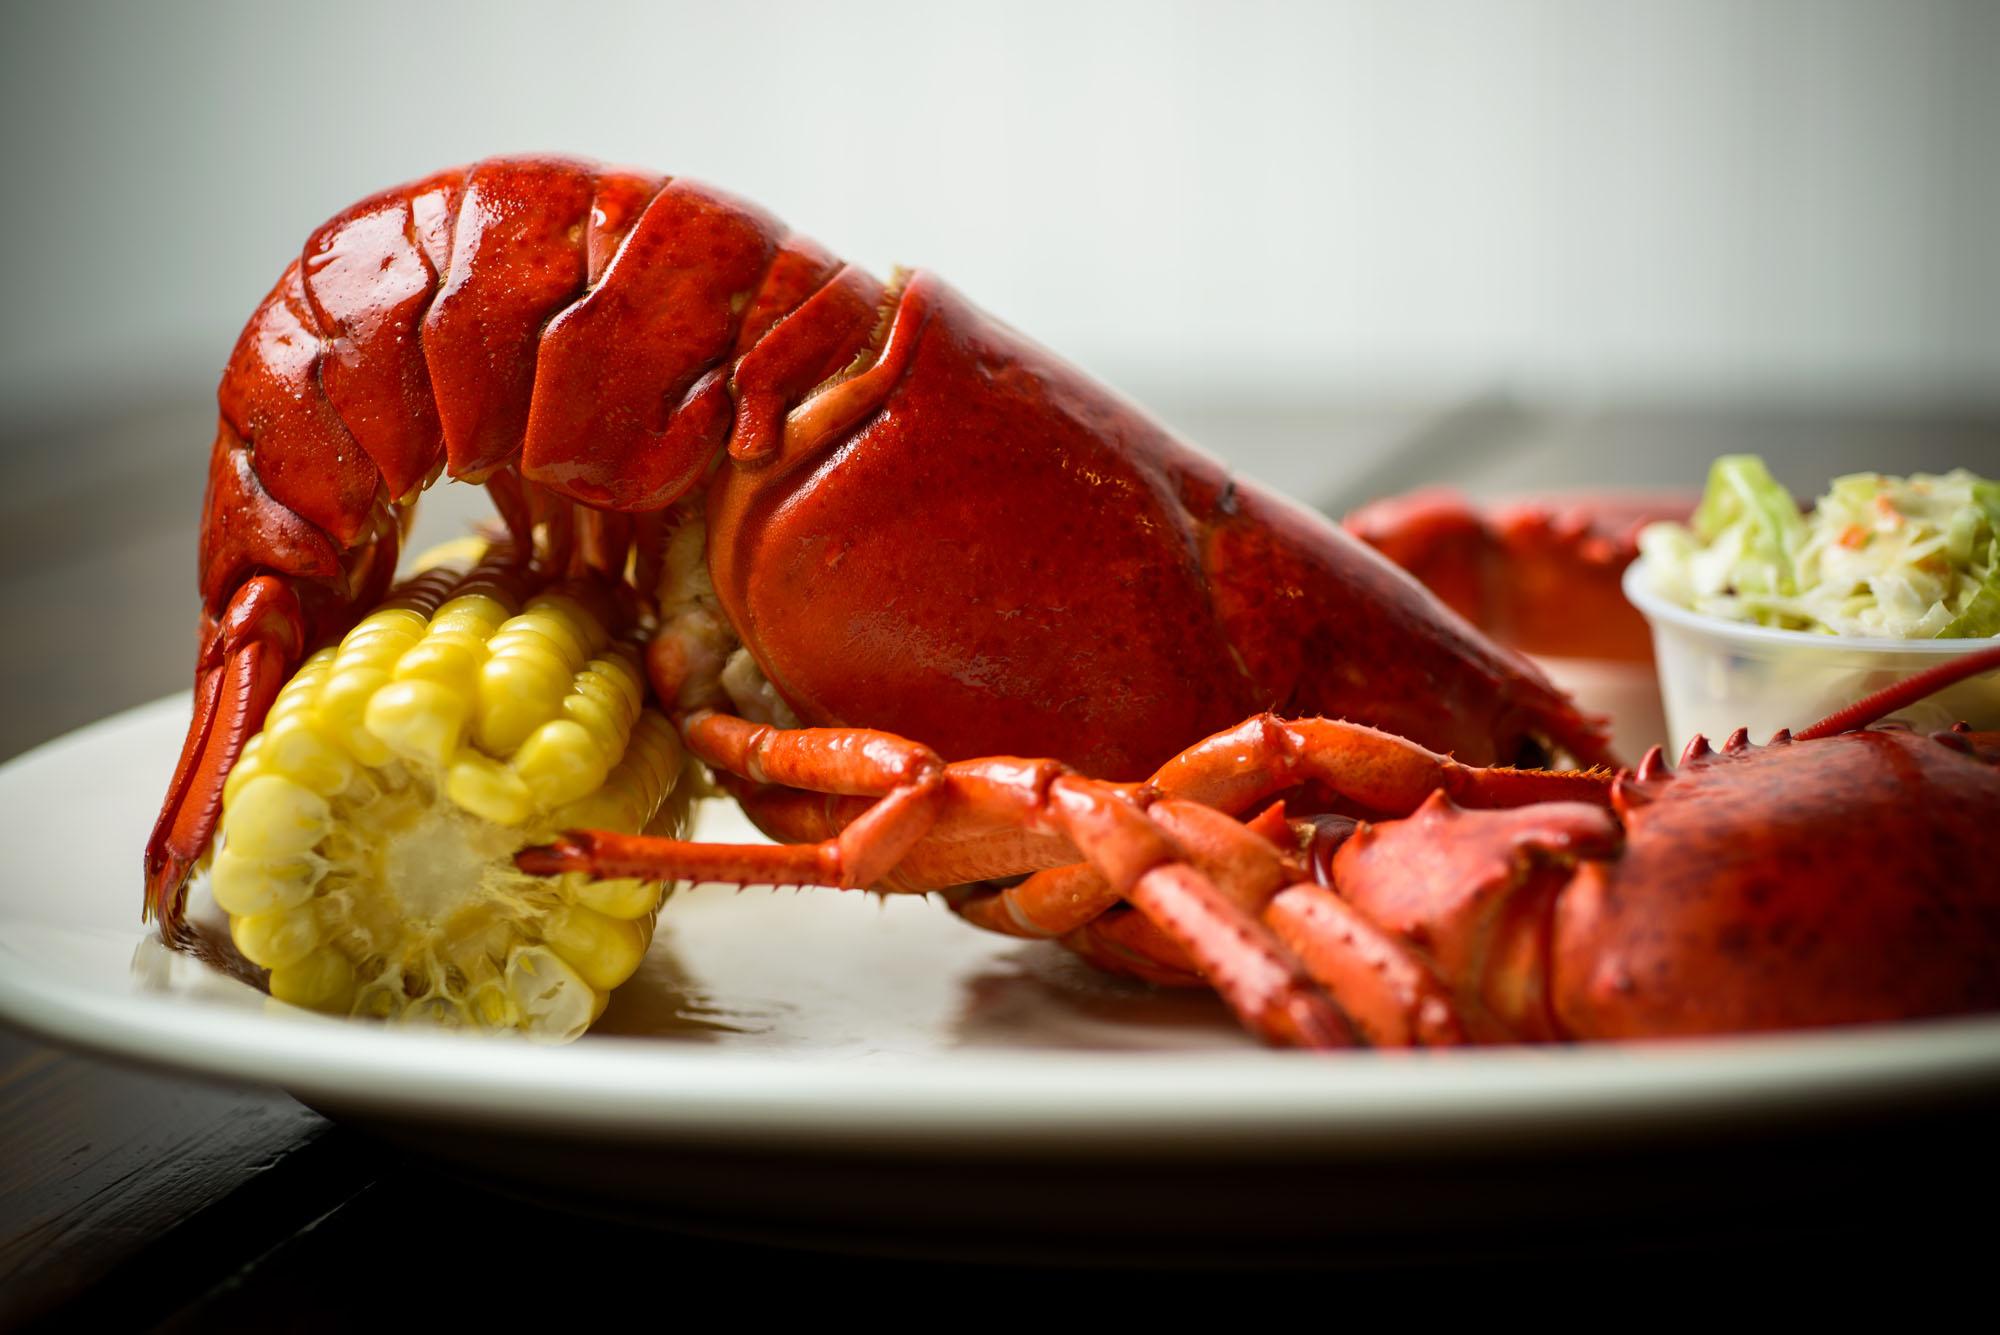 5753_d800_Old_Port_Lobster_Shack_Portola_Valley_Food_Photography.jpg